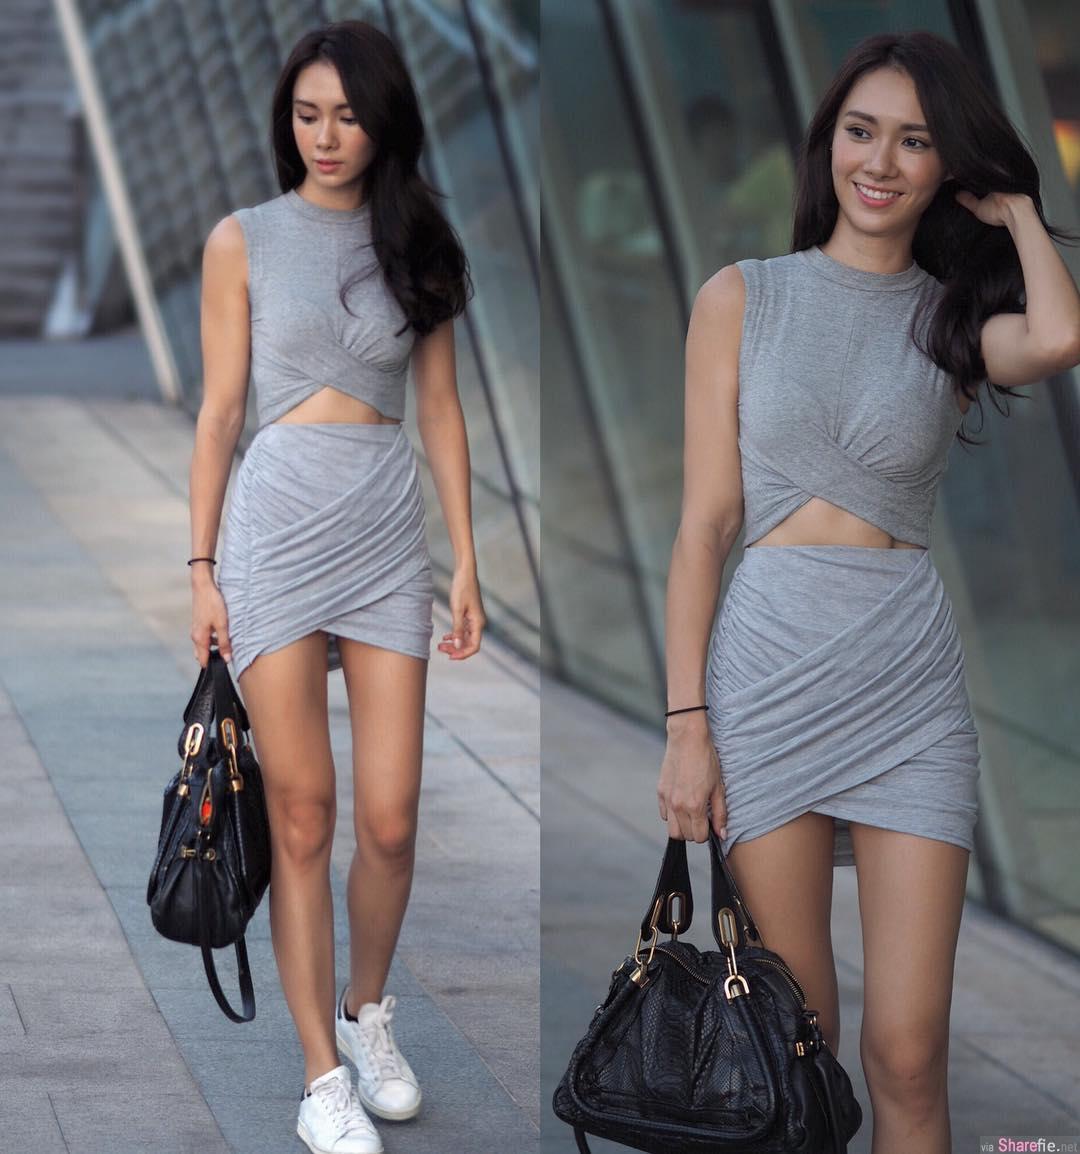 阳光型女孩笑容好甜美 ,网友:身材比例100分